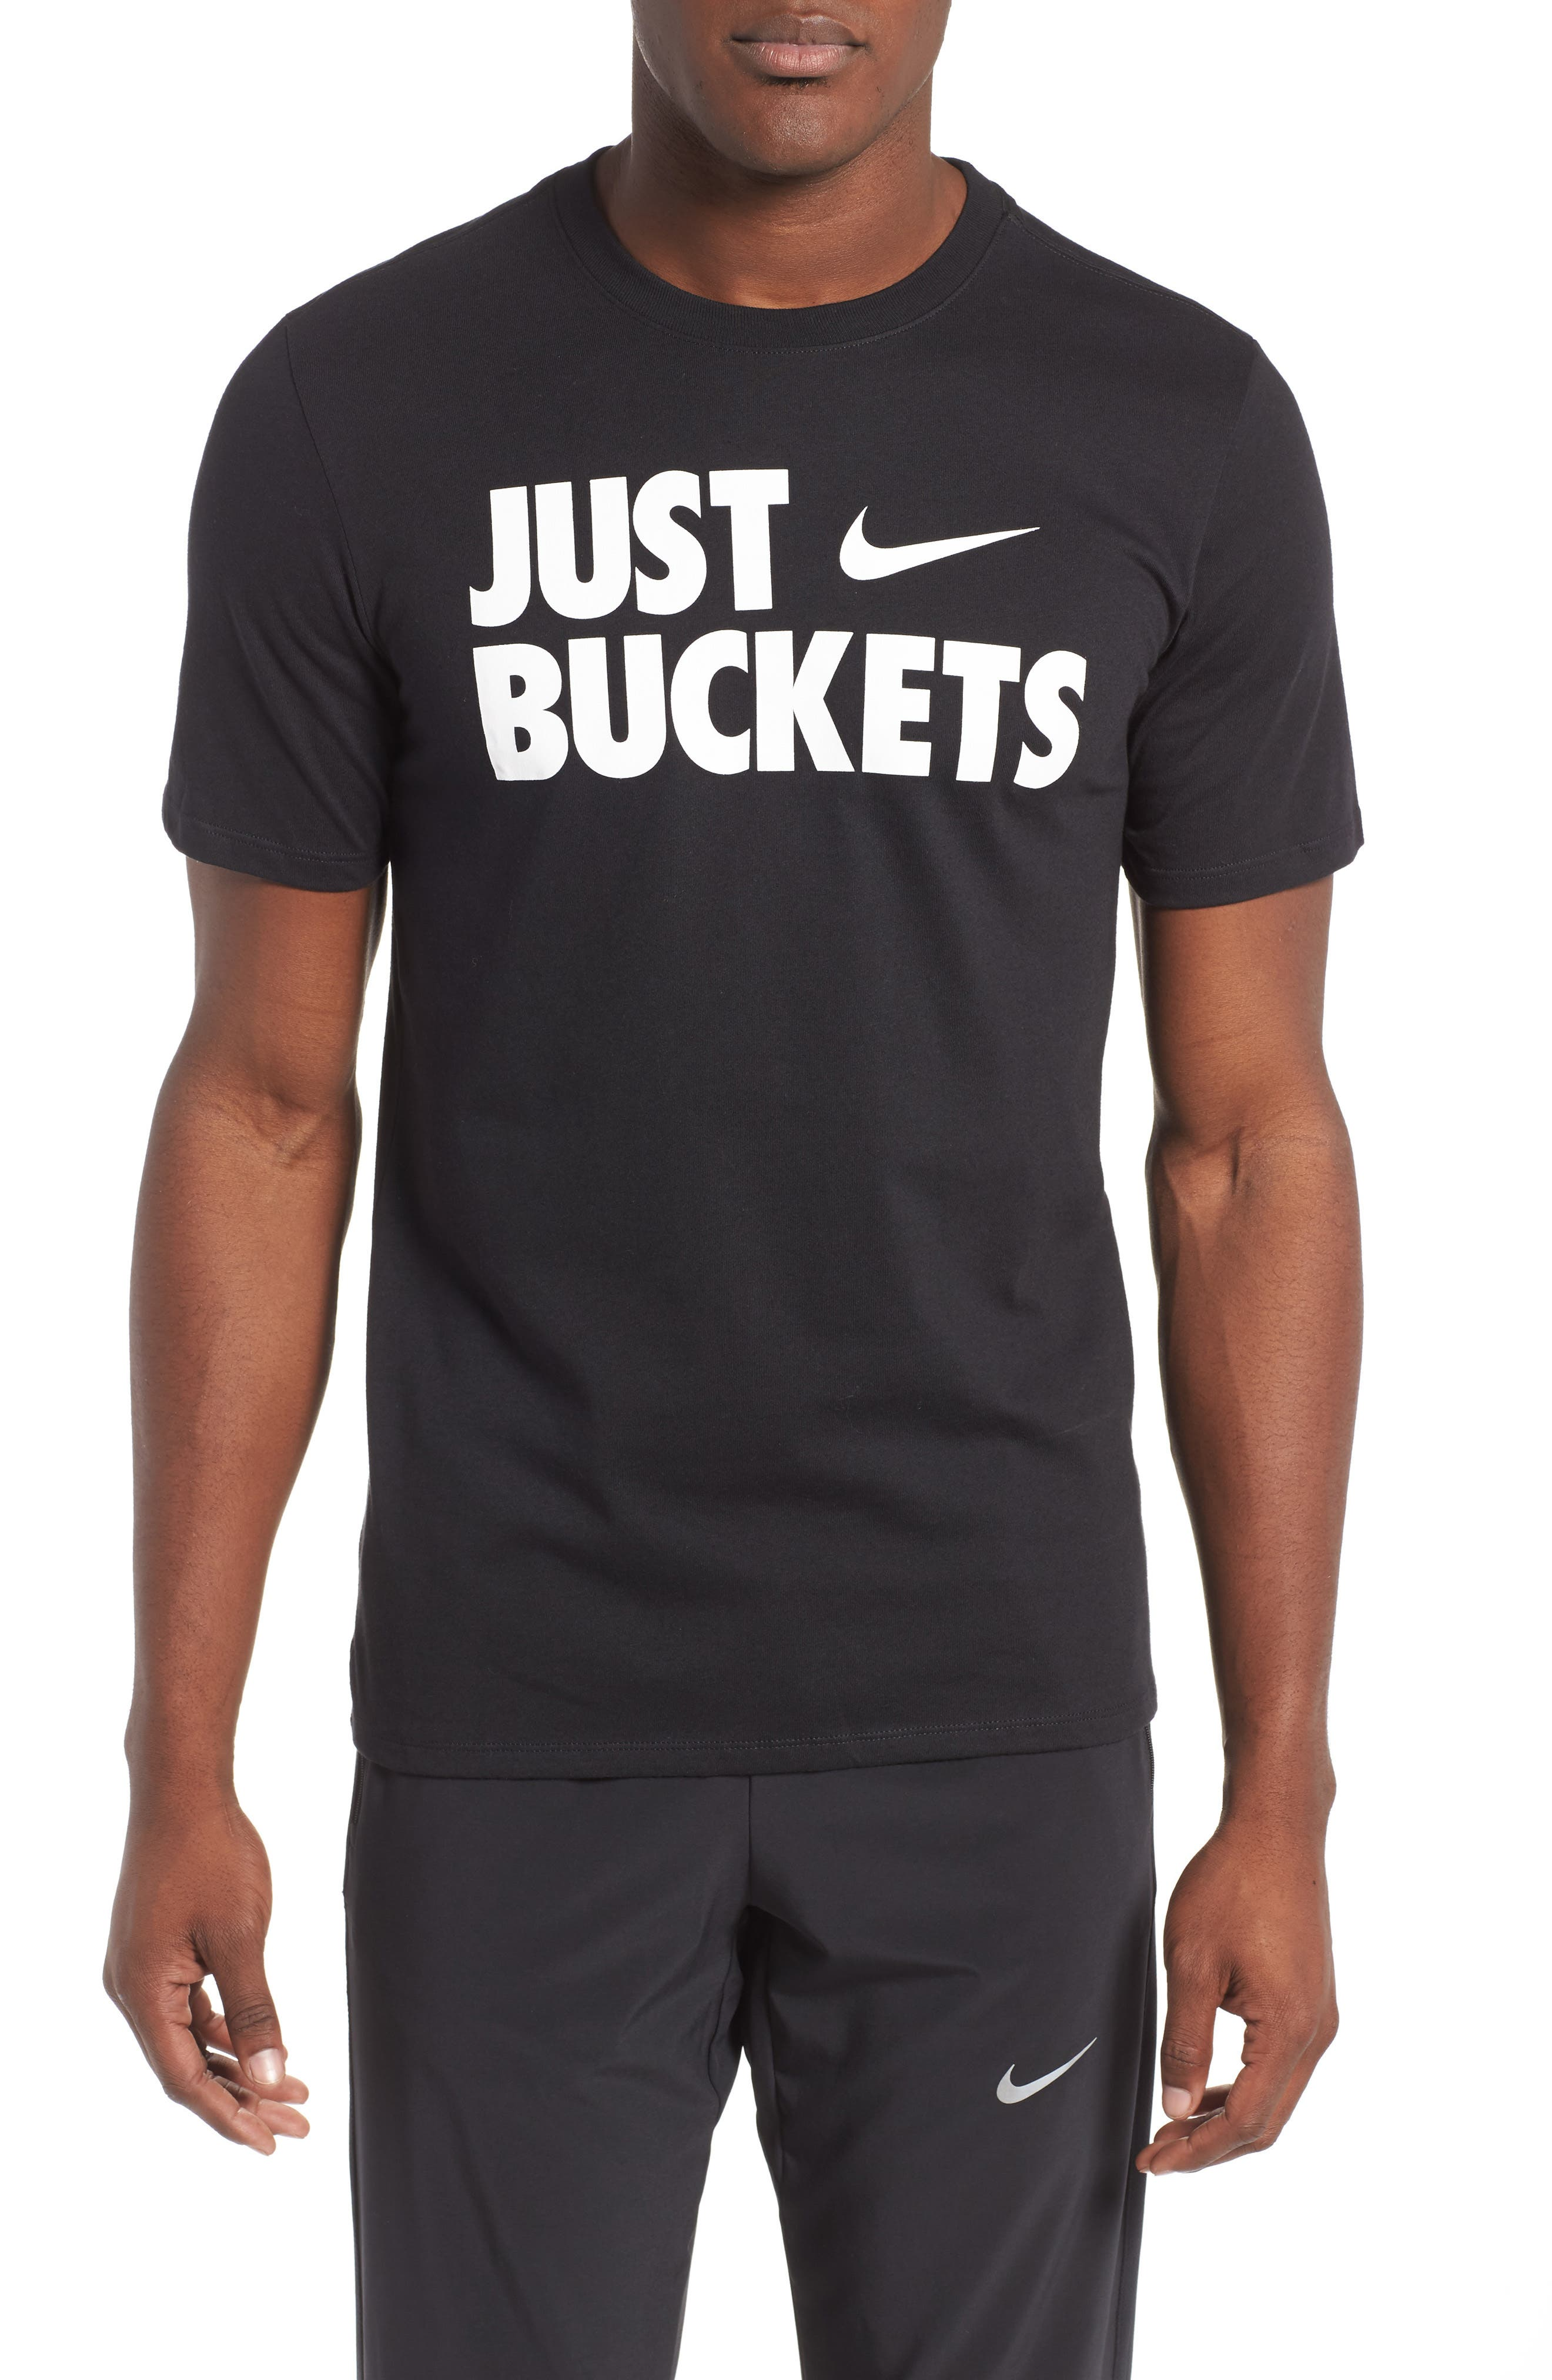 Just Buckets T-Shirt,                             Main thumbnail 1, color,                             010